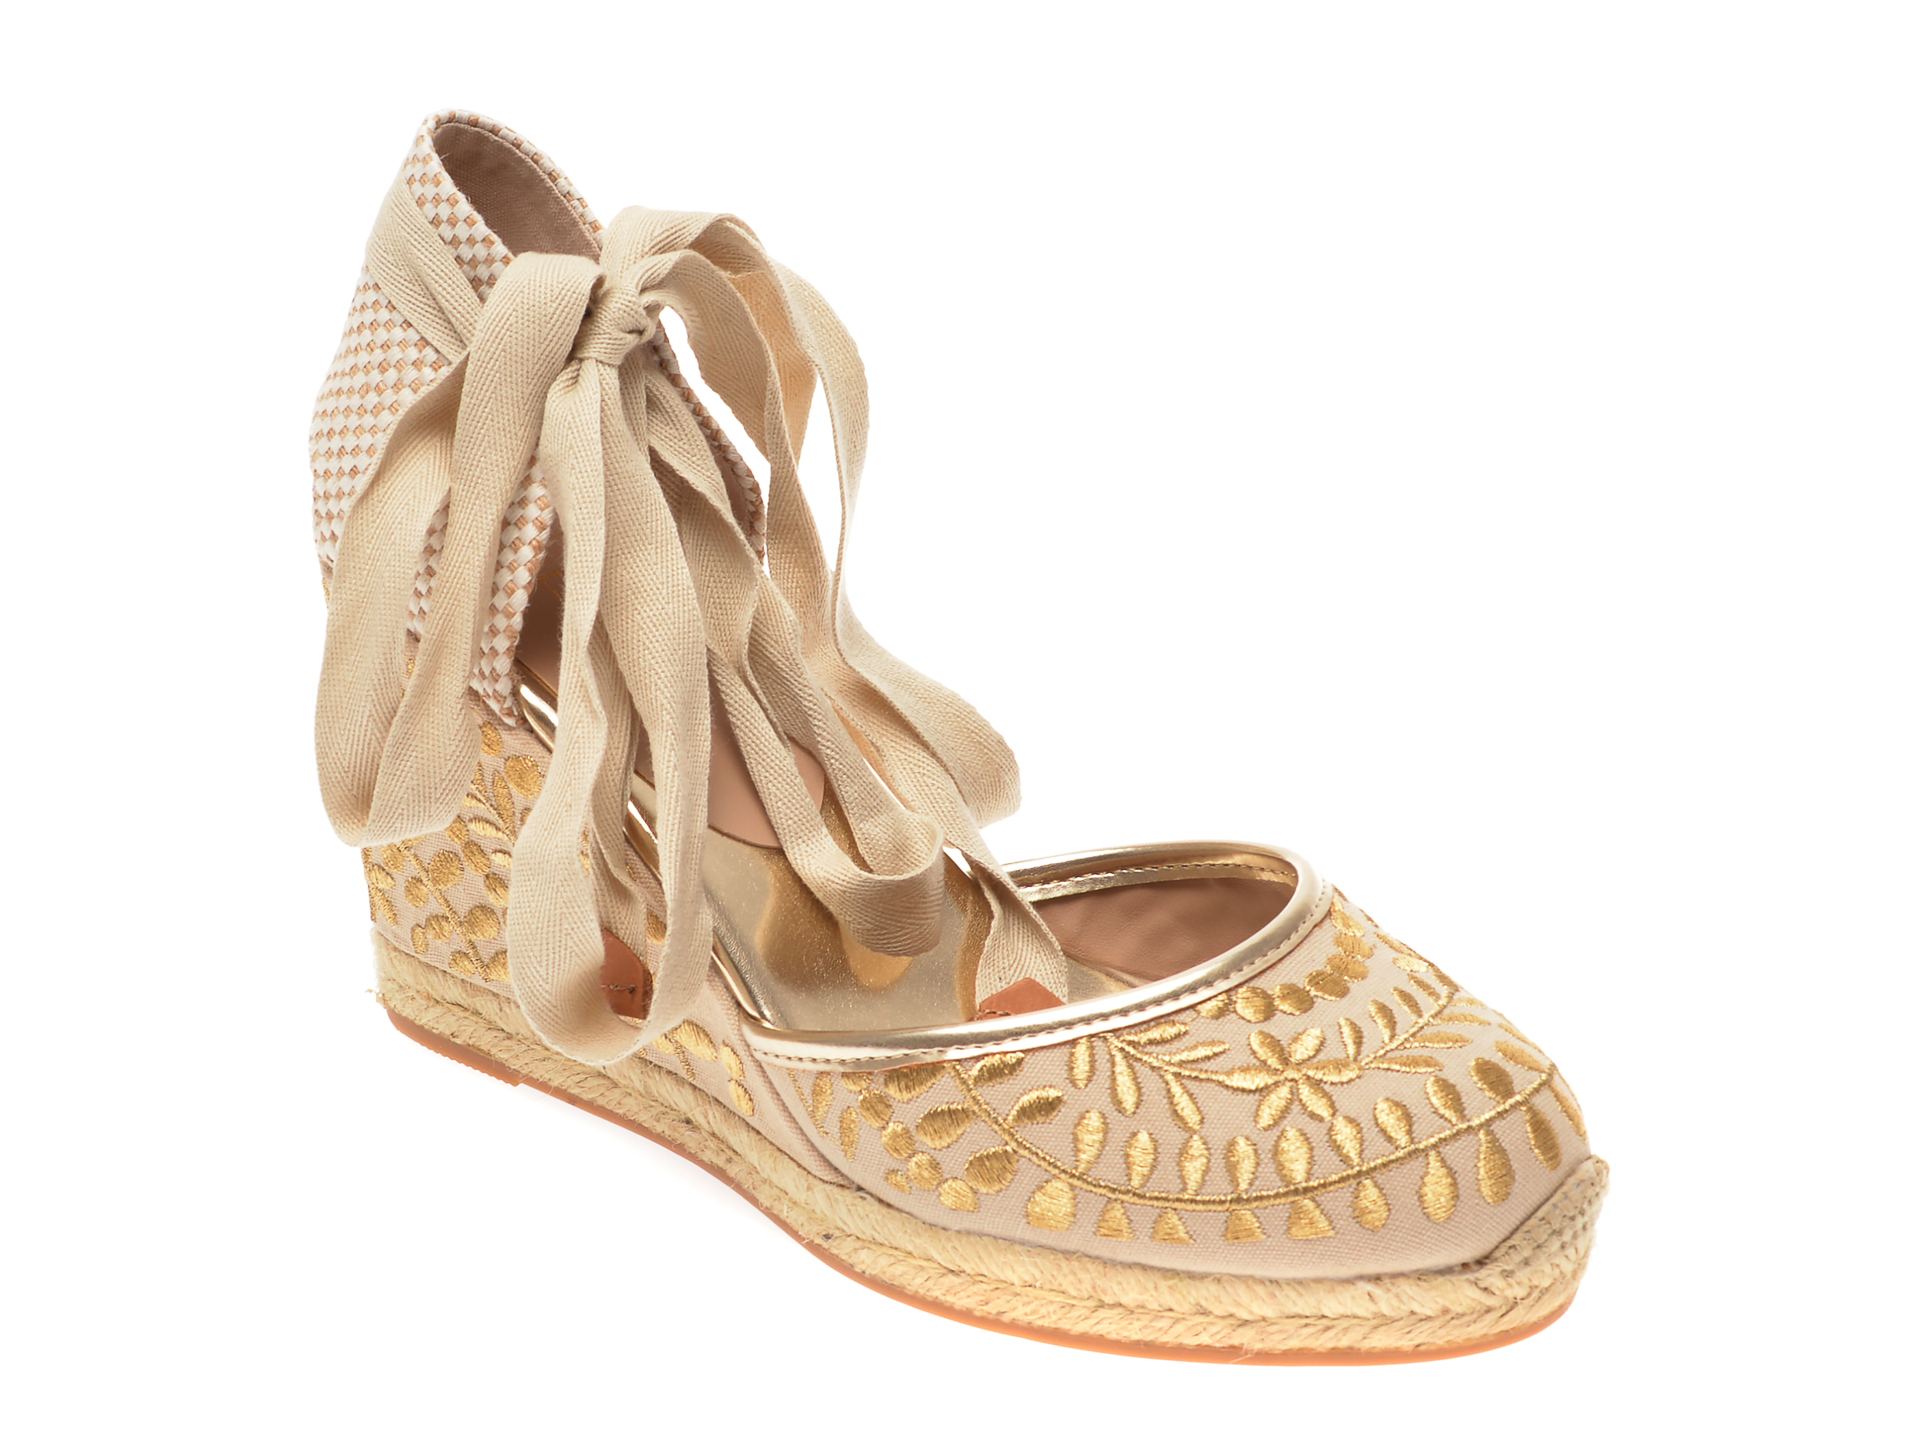 Pantofi ALDO aurii, Muschino710, din material textil